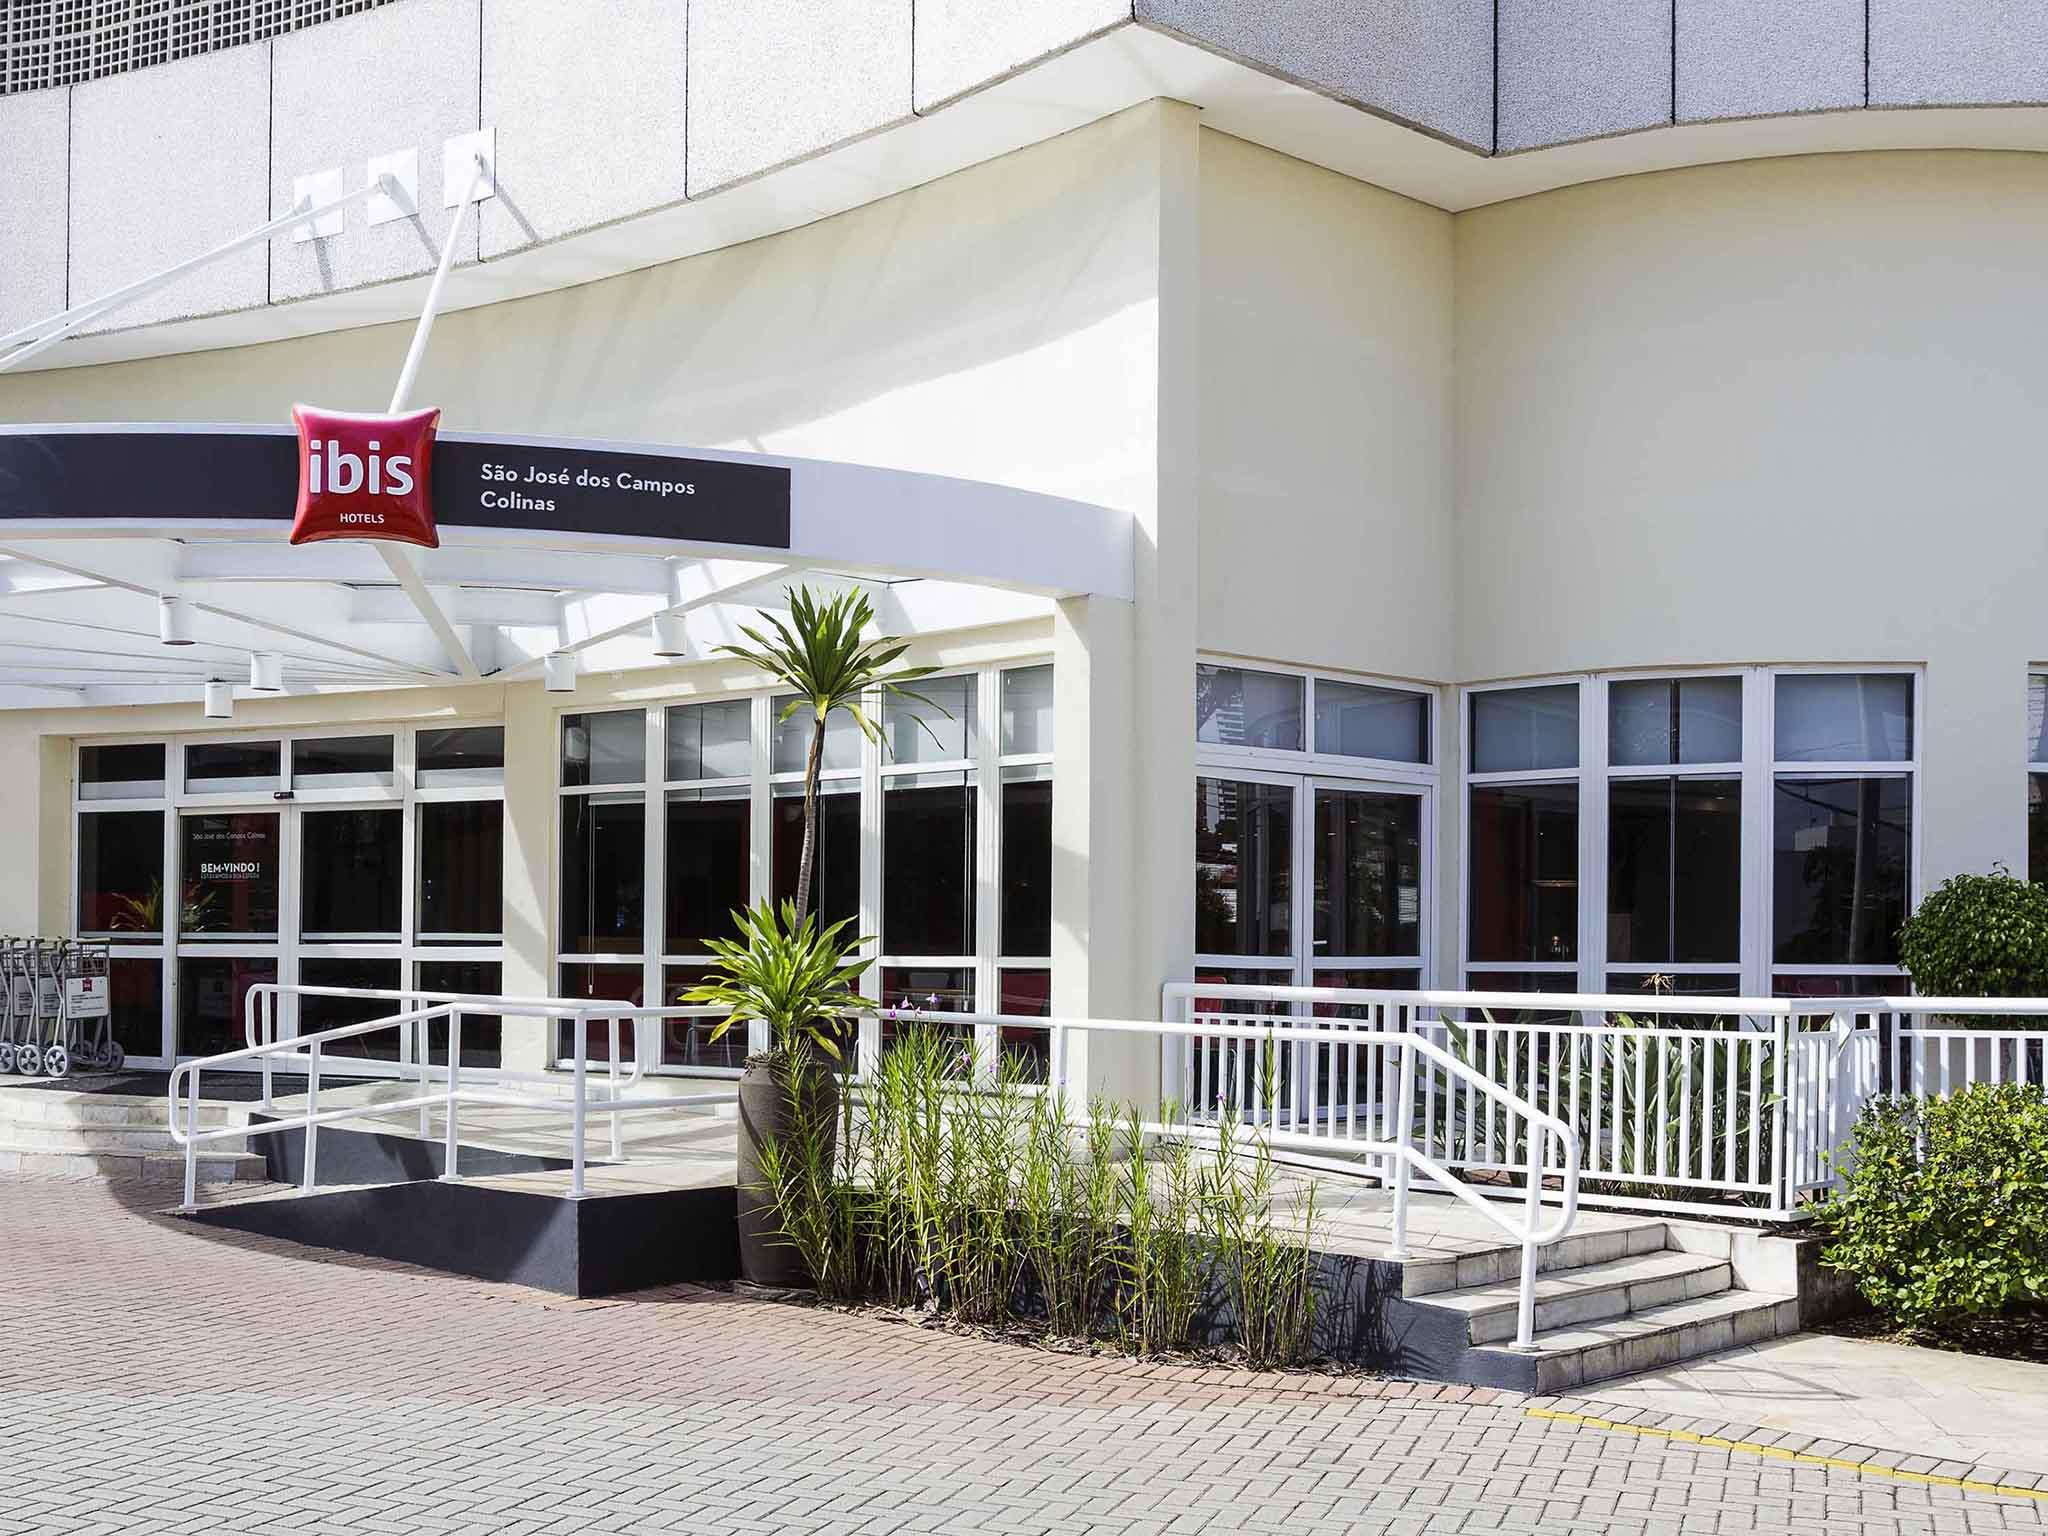 ibis Sao Jose dos Campos Colinas - book your budget hotel